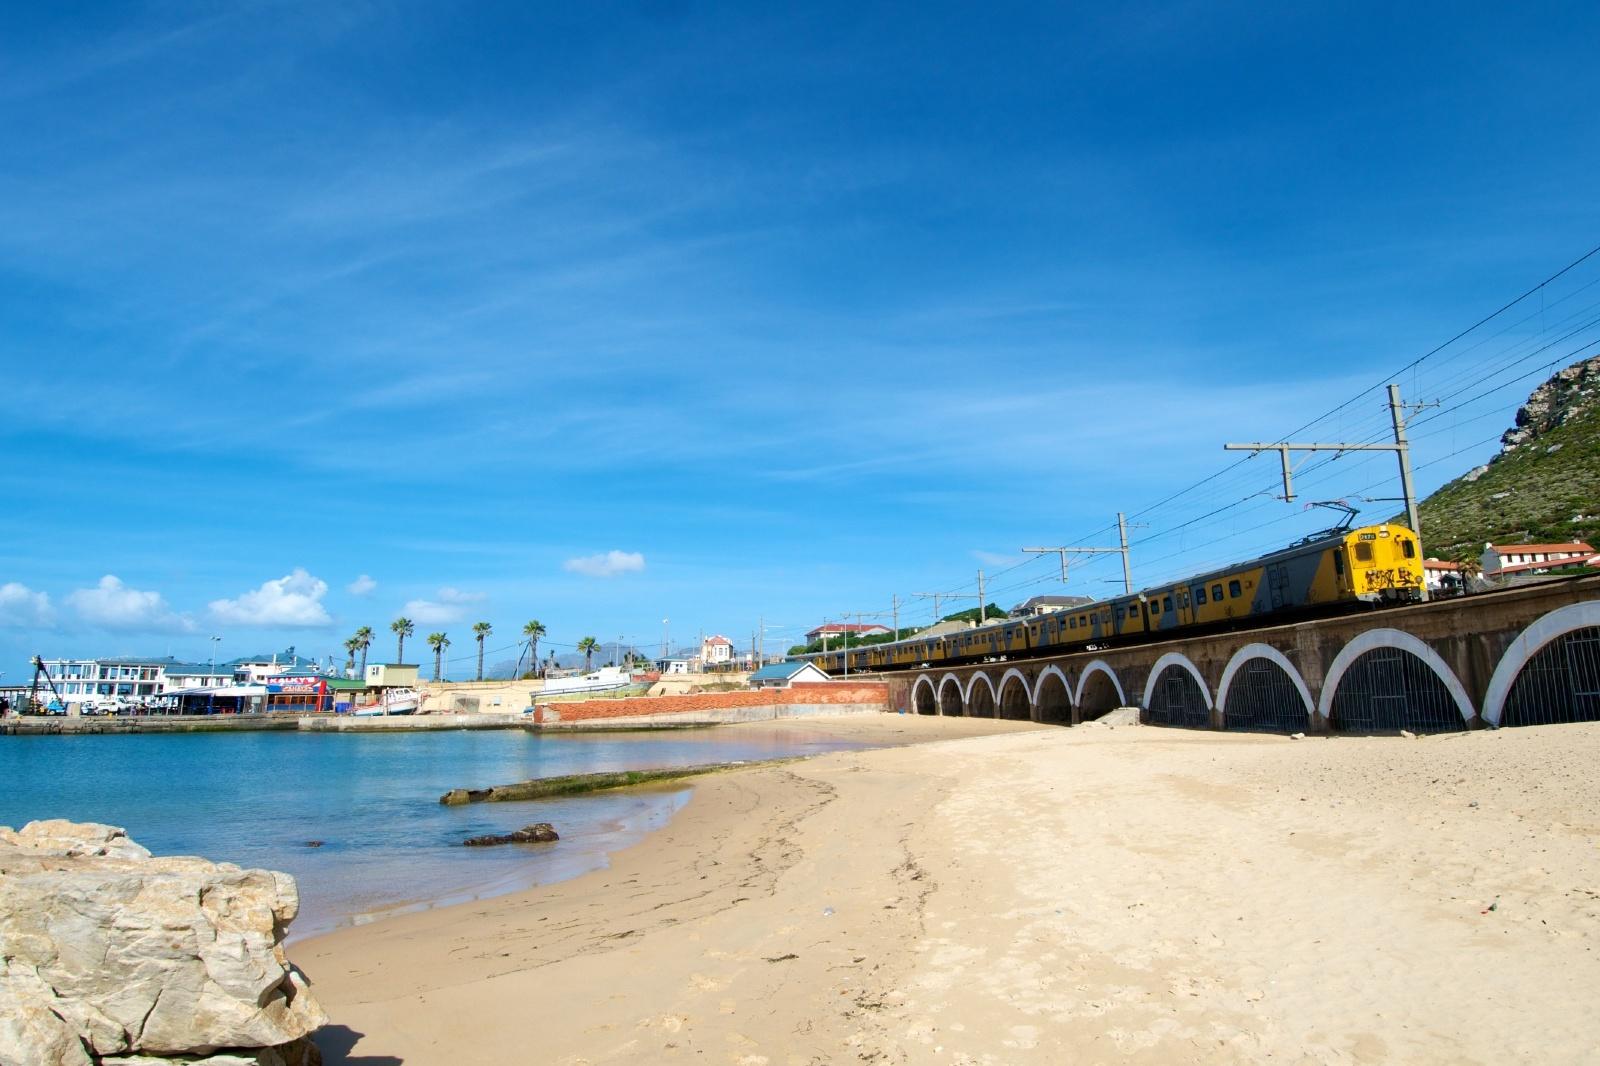 ケープタウンのビーチ沿いをゆく列車 南アフリカの鉄道風景